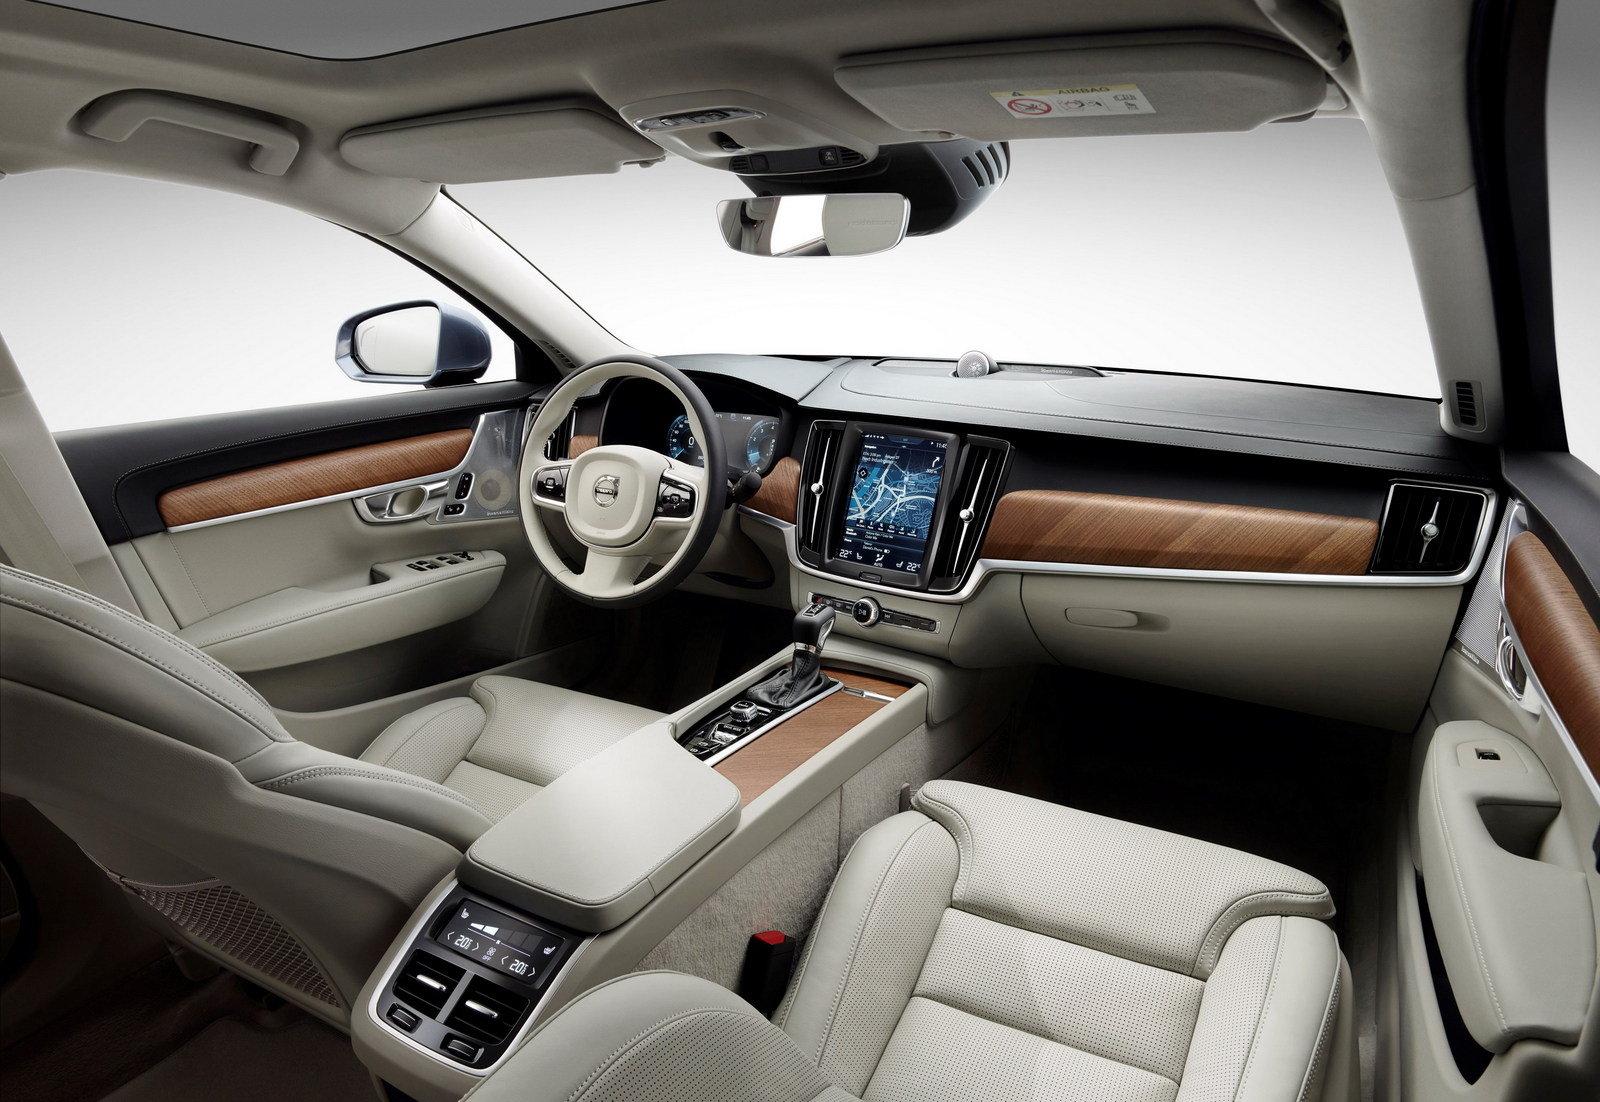 全新国产沃尔沃S90L亮相广州车展 主流外媒好评如潮高清图片